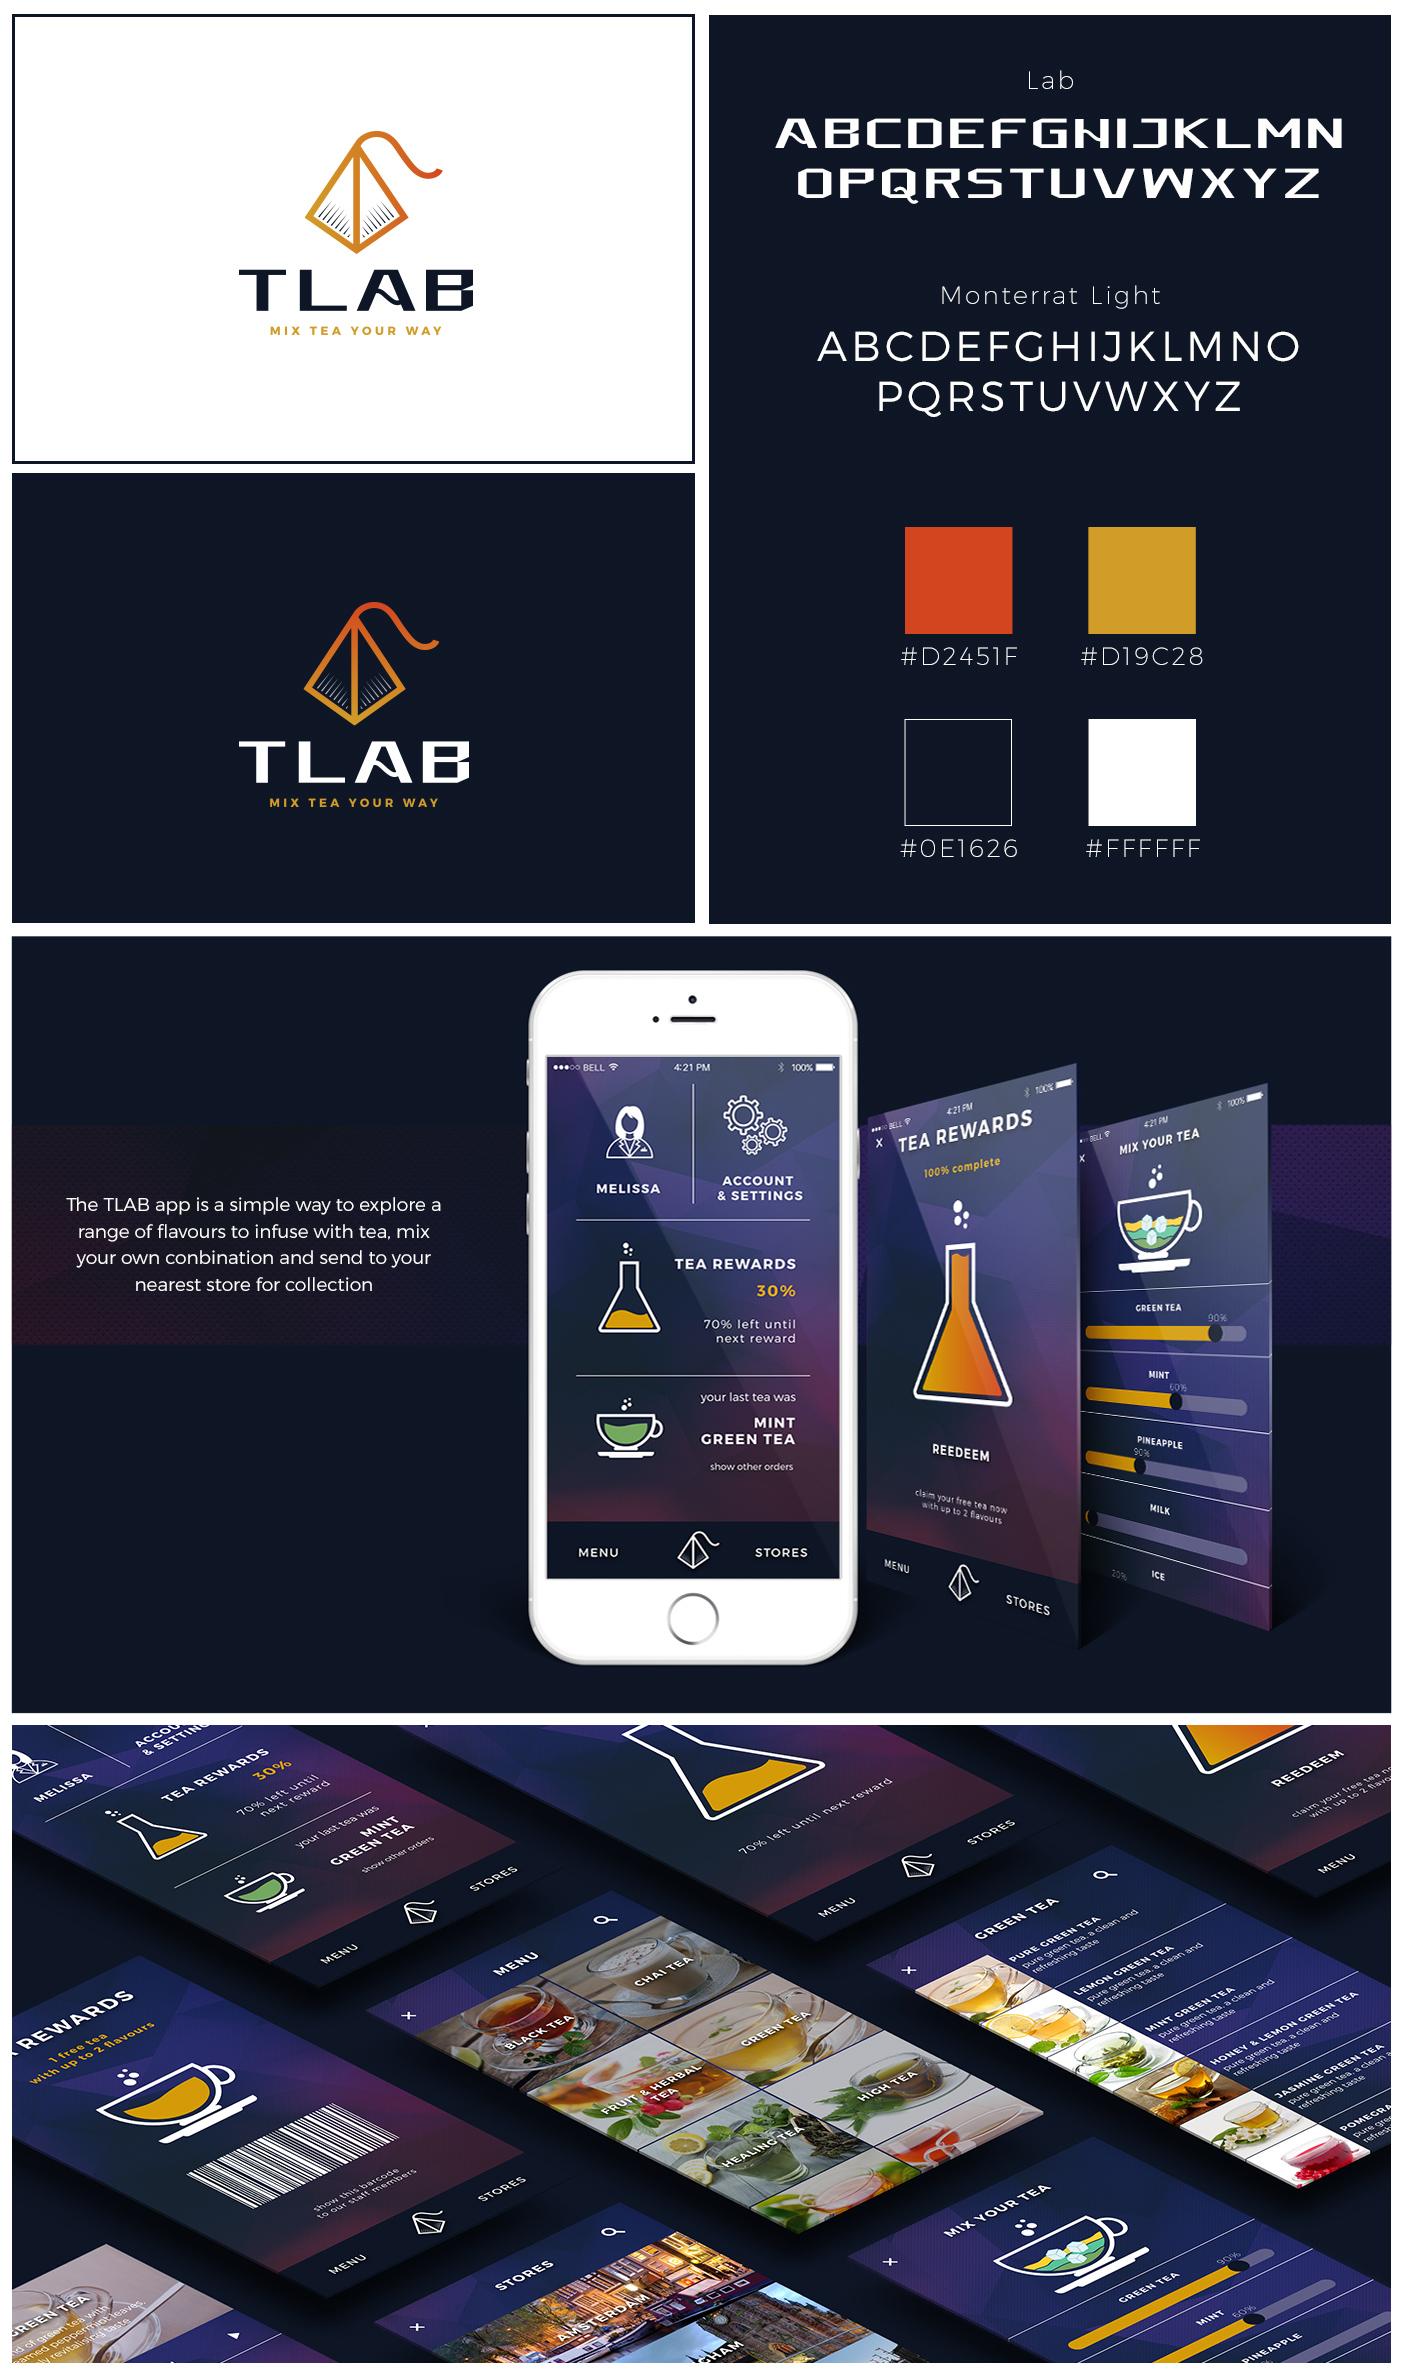 T L A B app